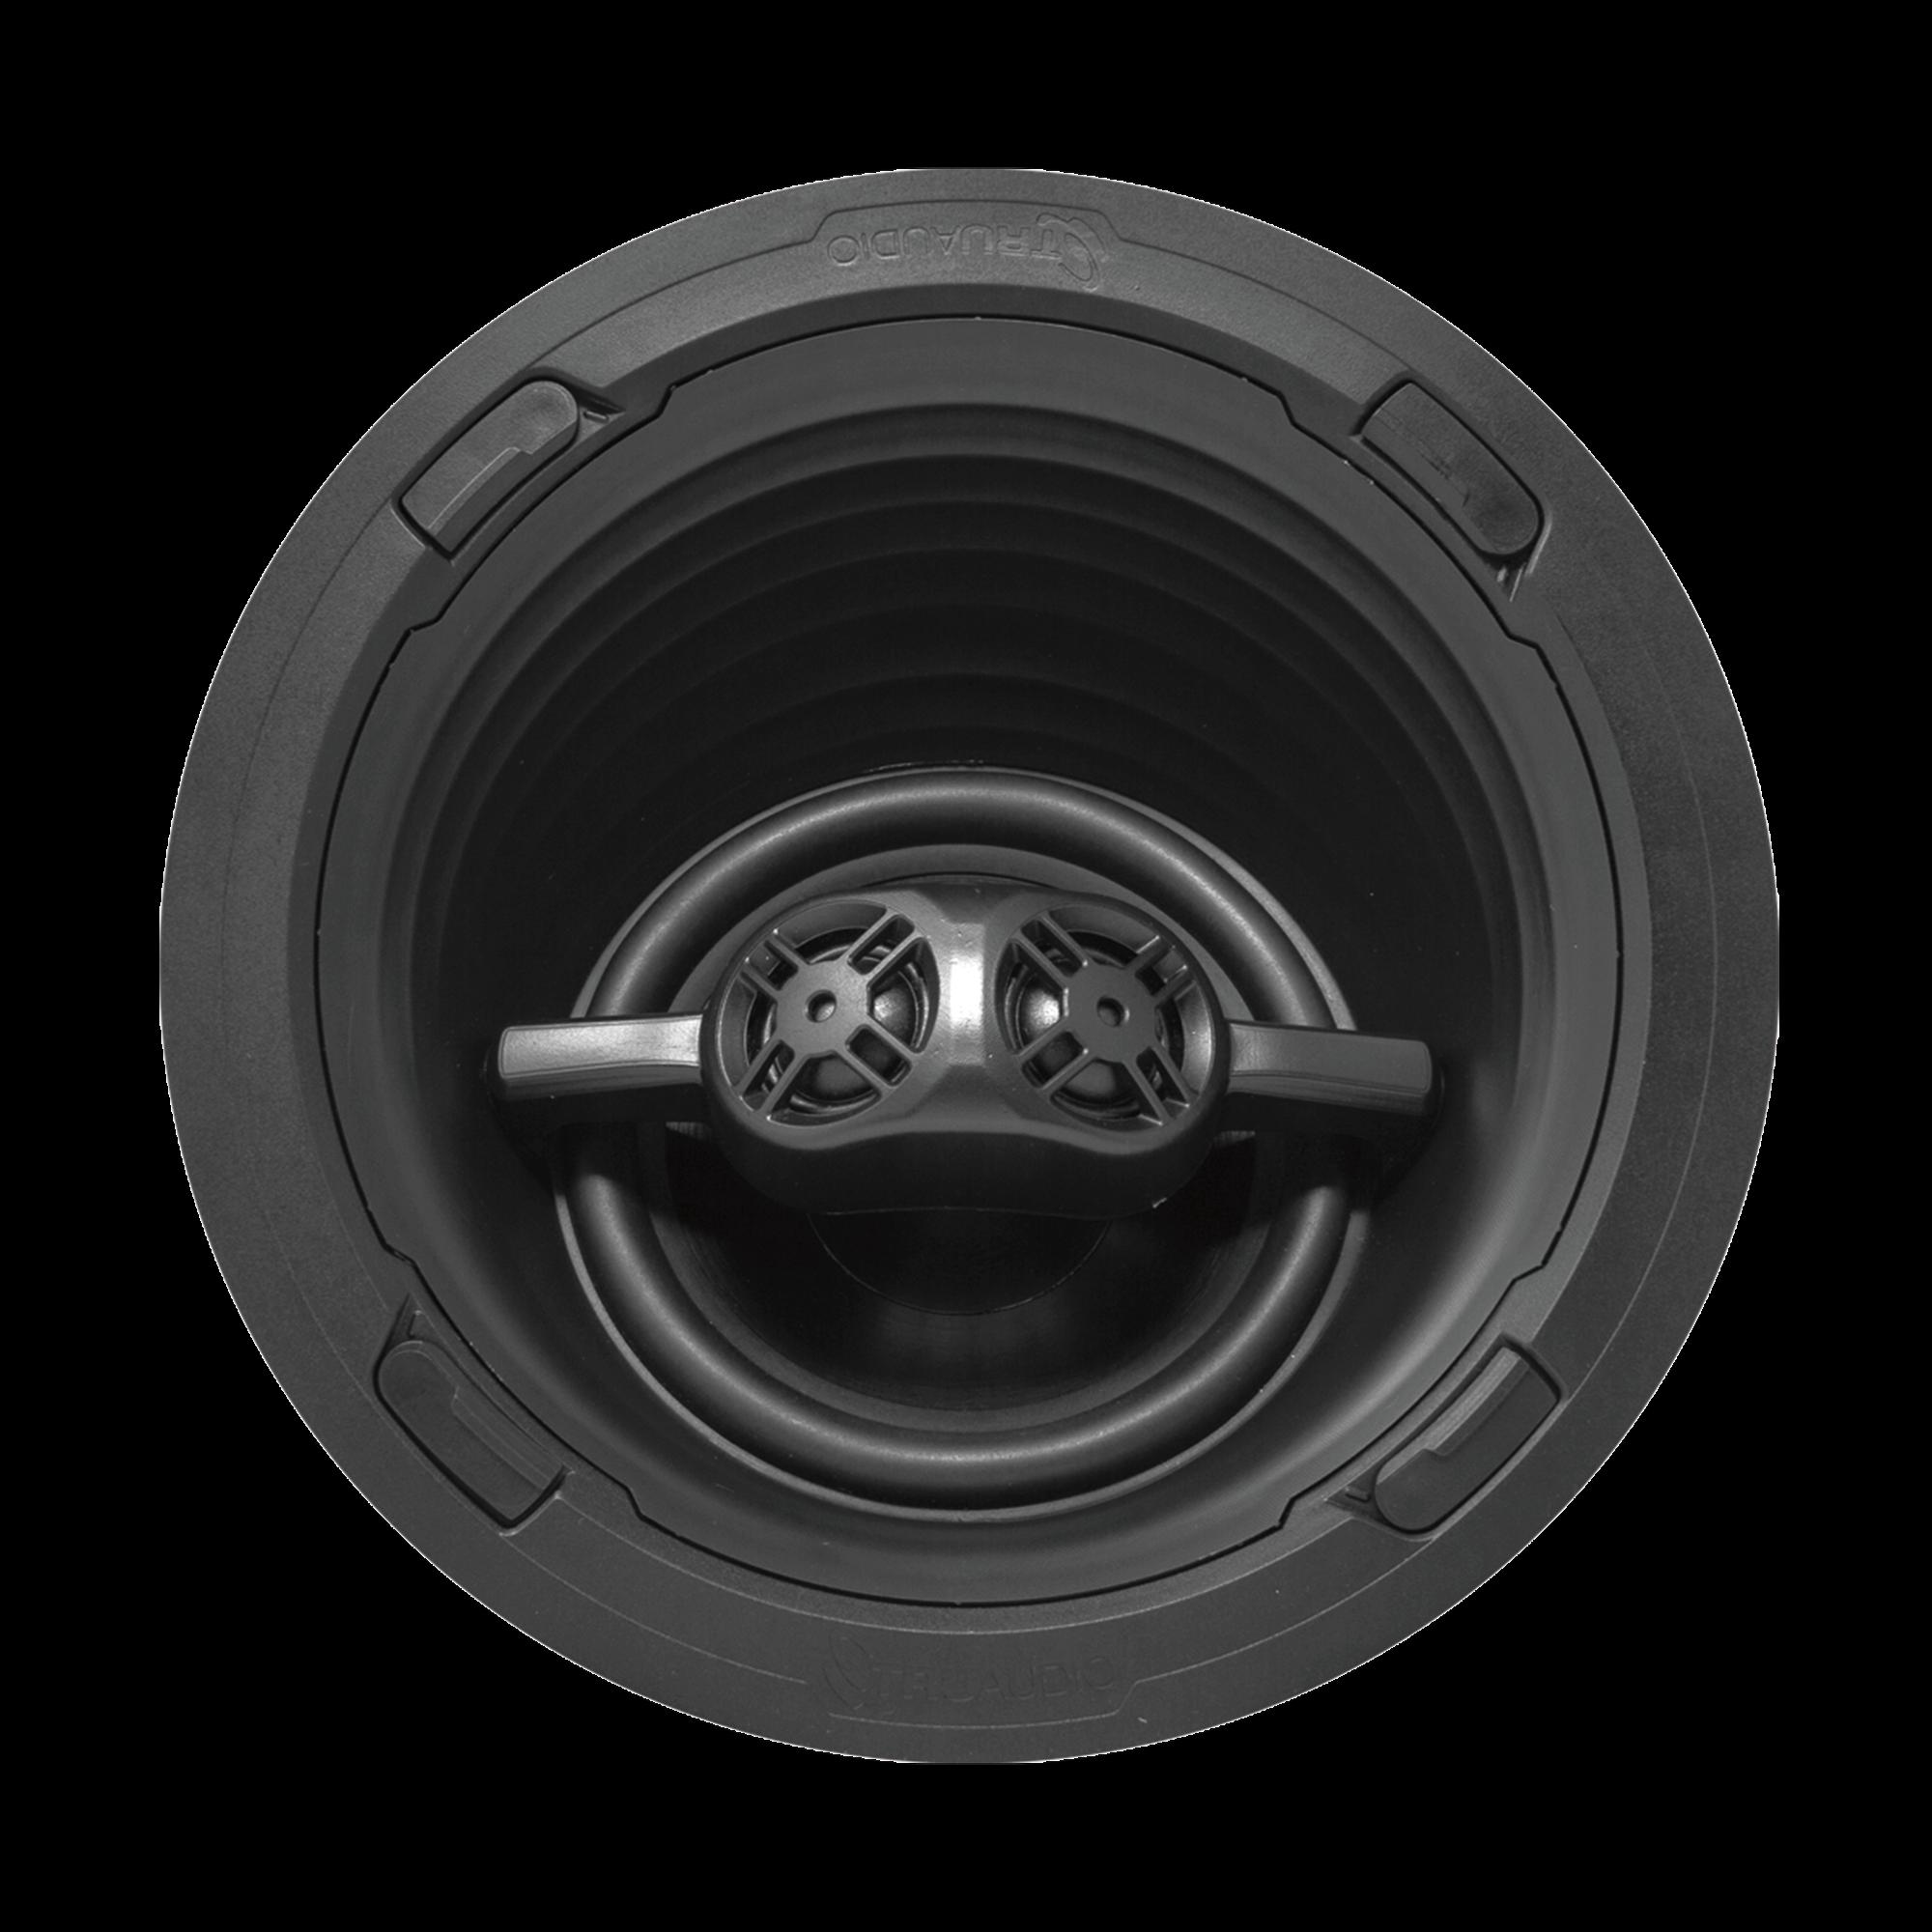 REV Series Altavoz Surround | Angulo para Techo de 3 Vias para Empotrar | Cine en Casa | Woofer de 7in de Polipropileno | 2 Tweeter de 1in | 150W | 8?